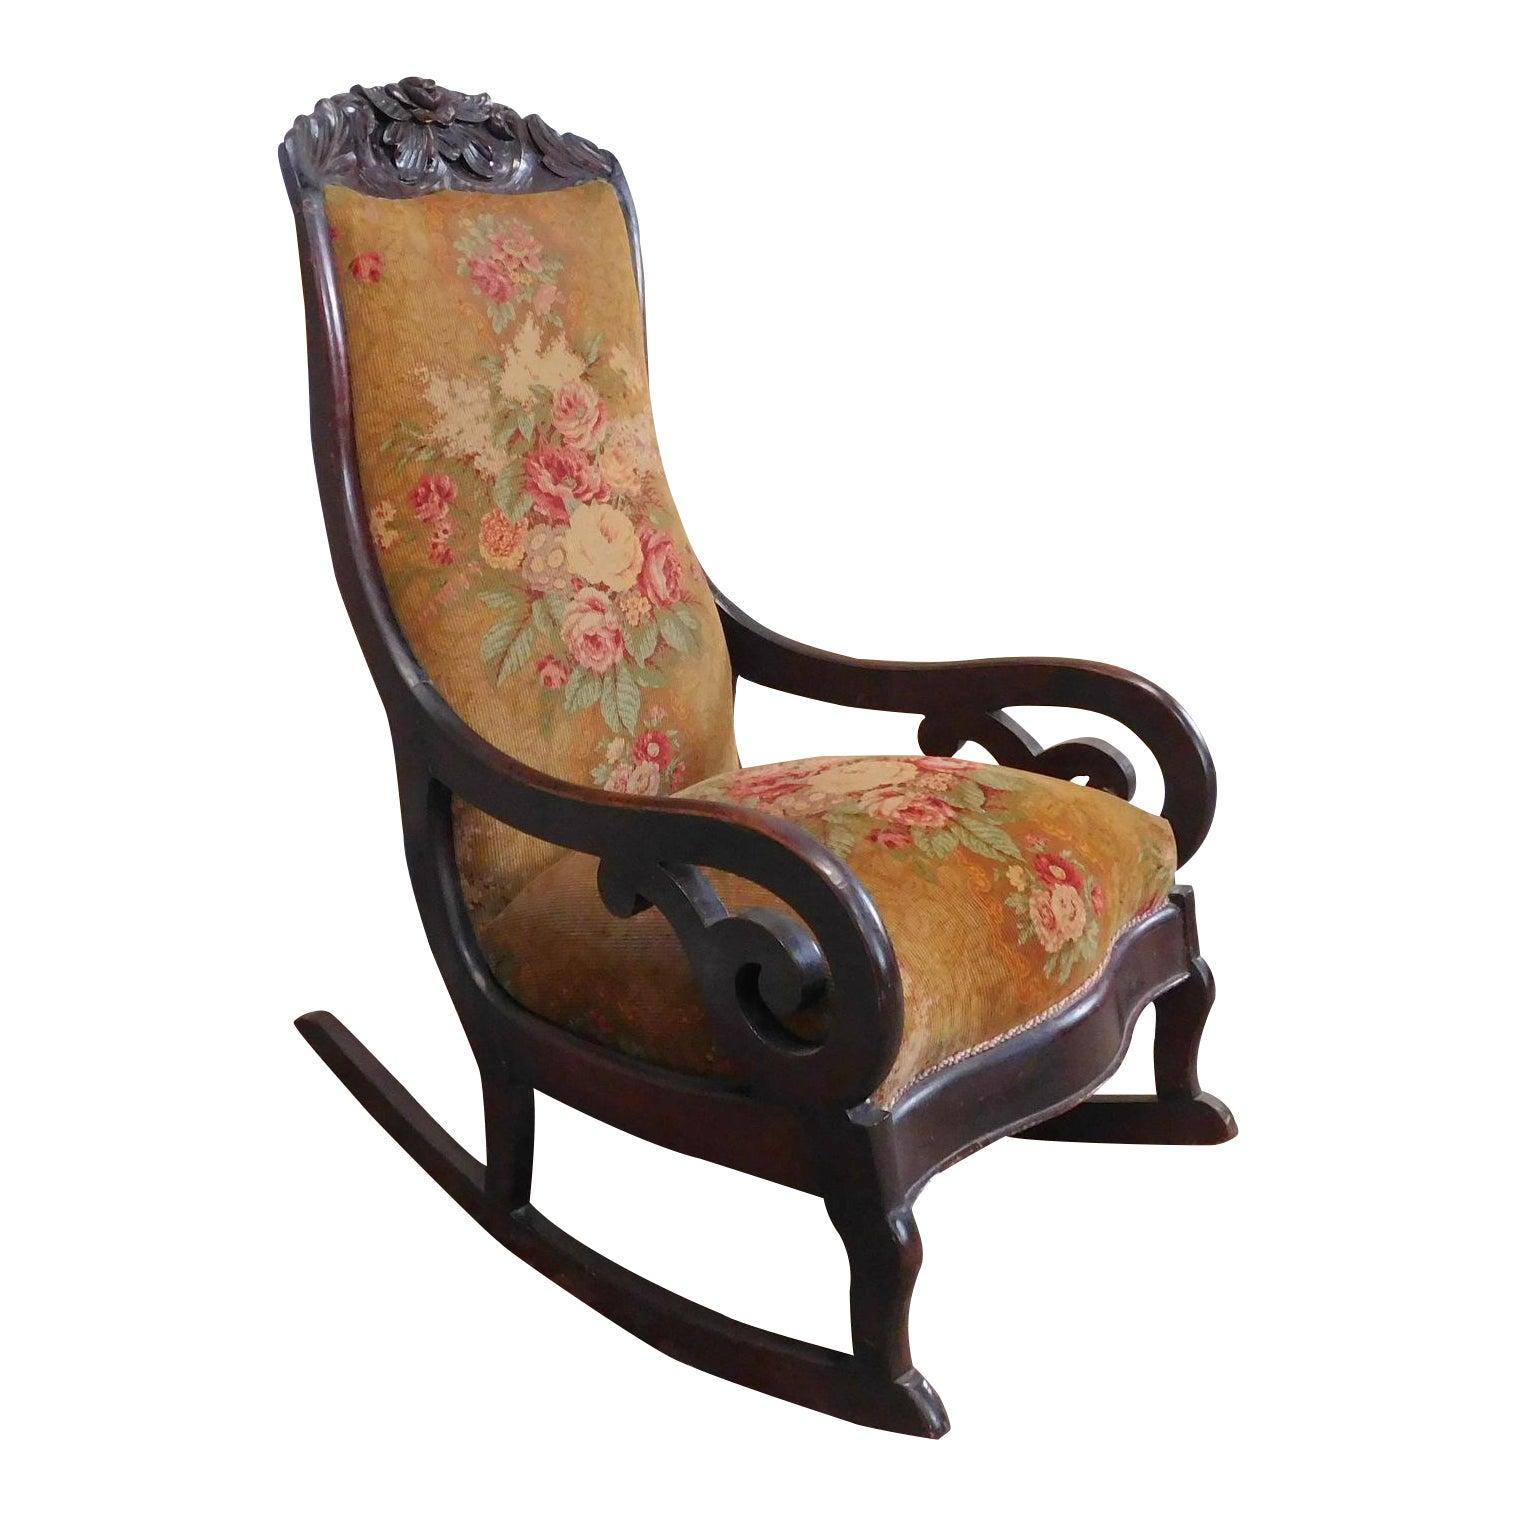 Antique Victorian Era Carved Walnut Lincoln Rocker Rocking Chair C1860